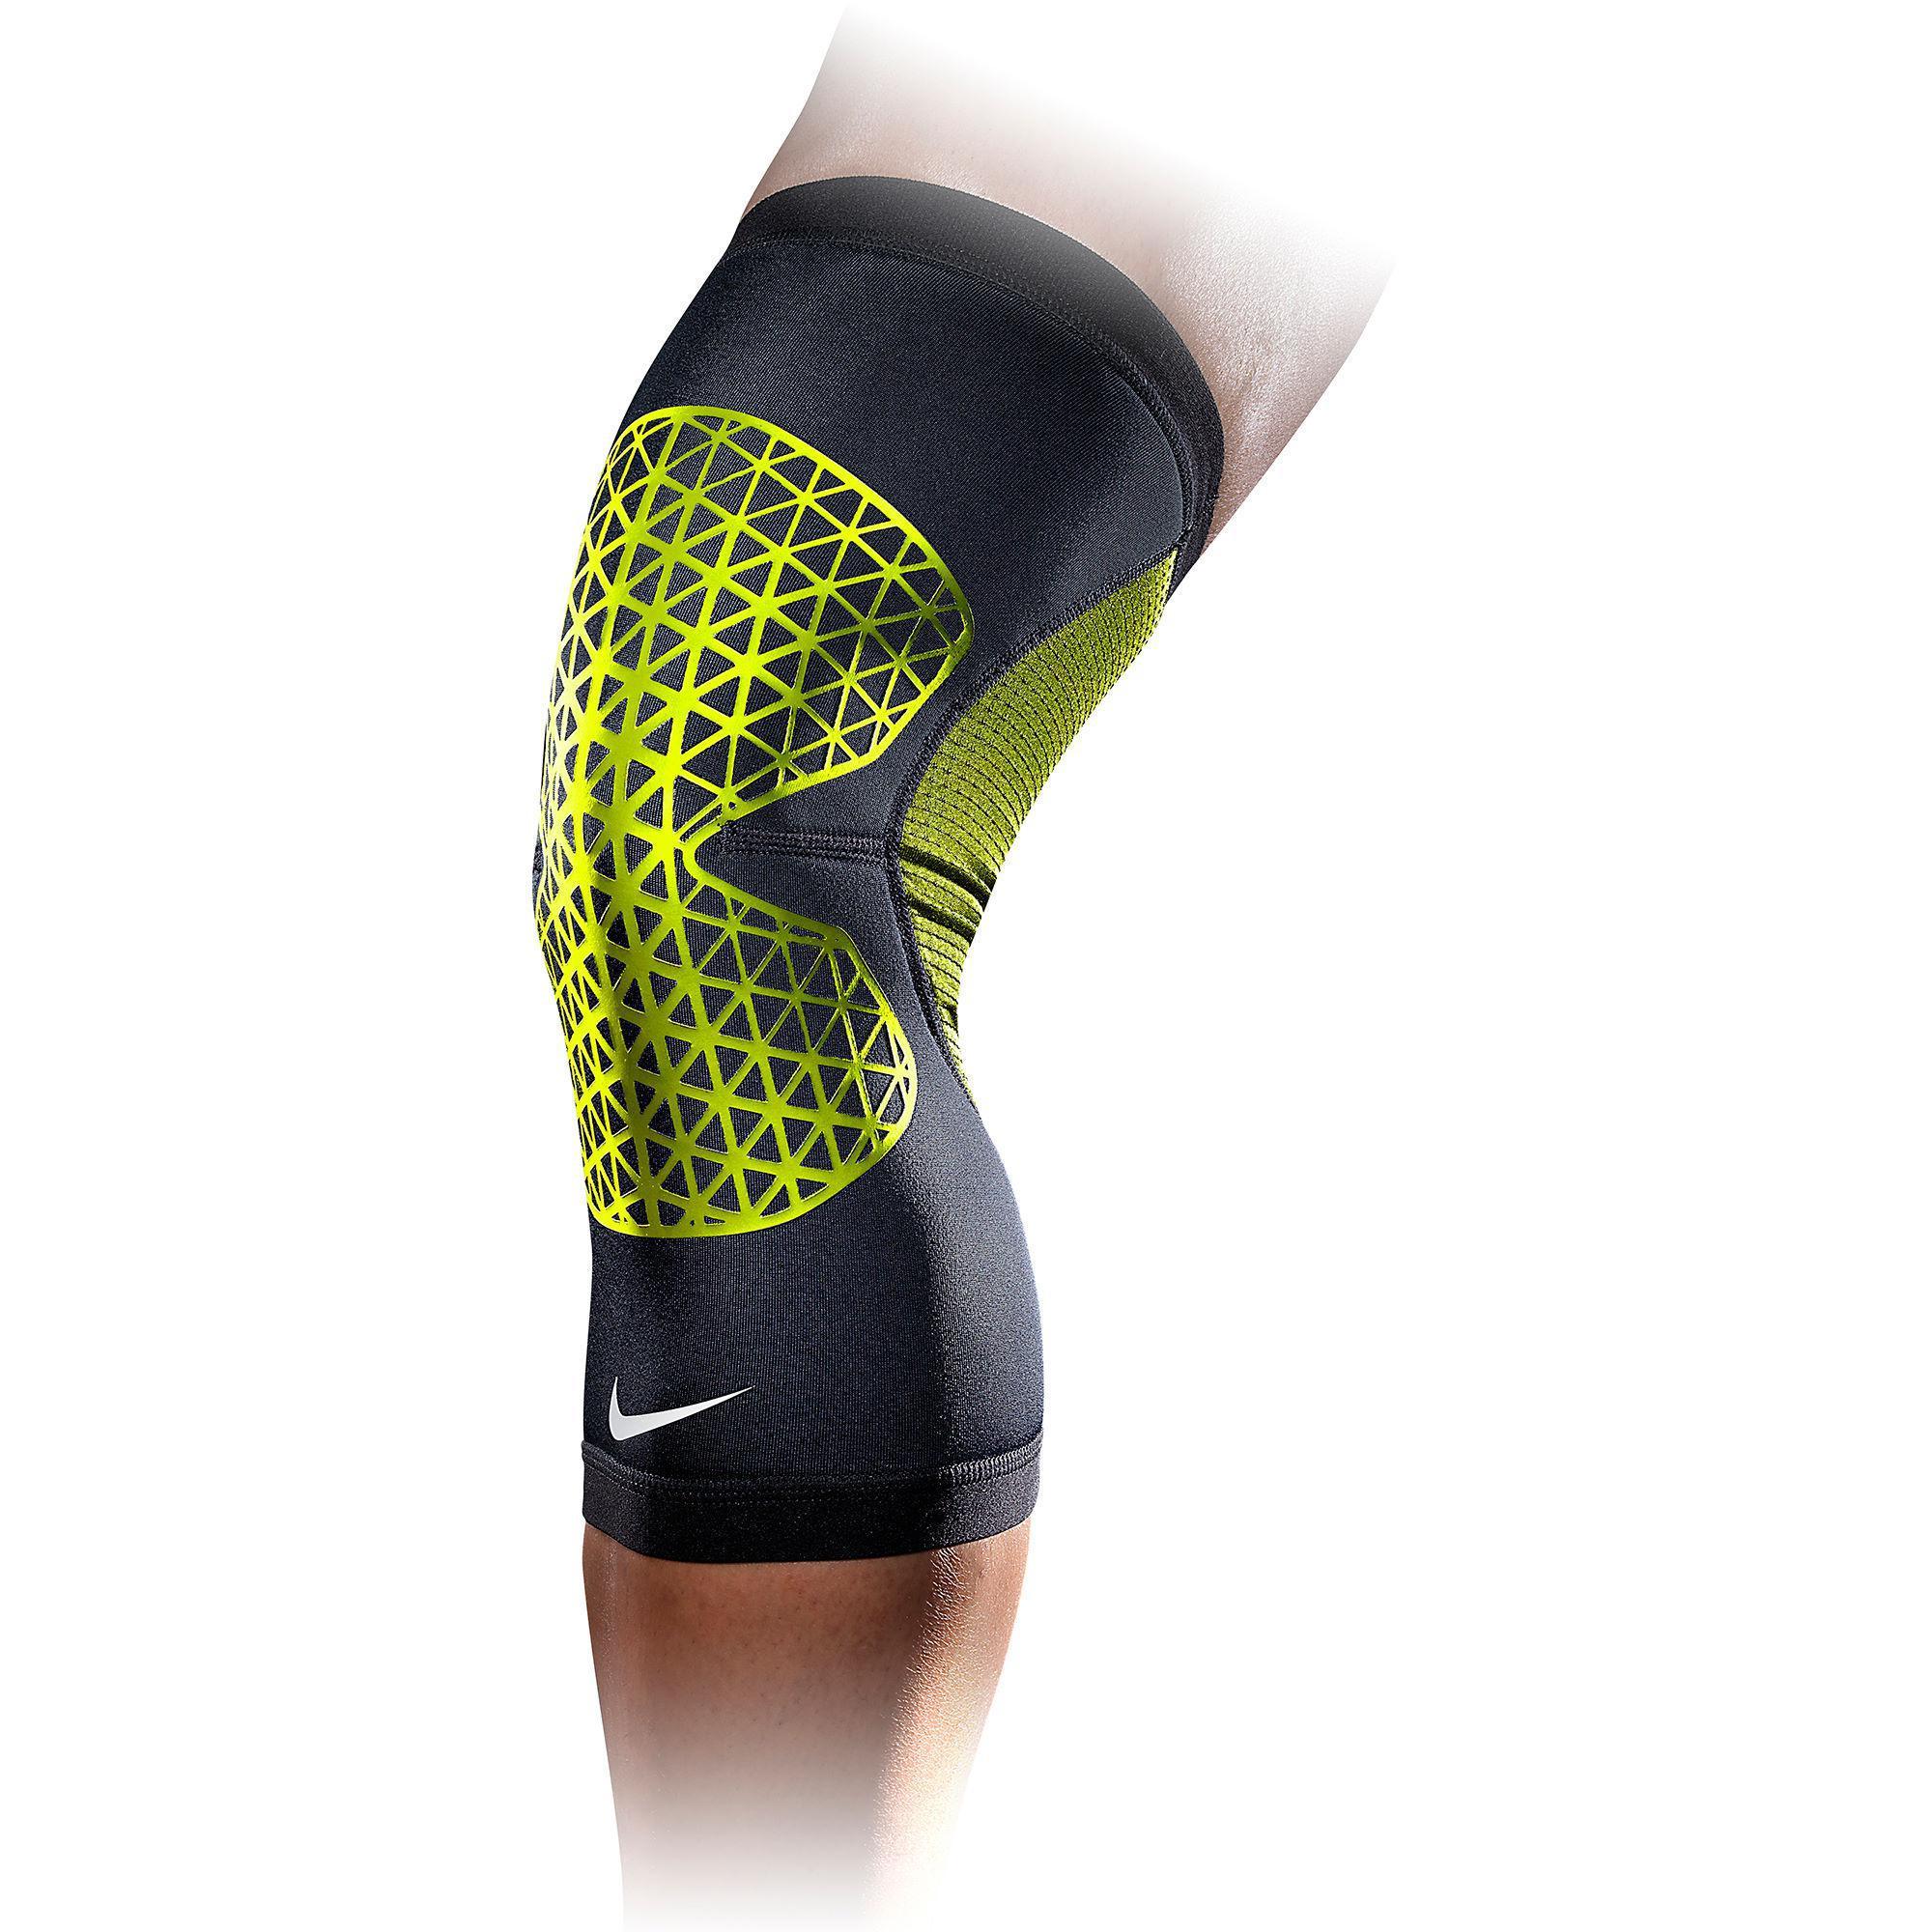 nike pro combat compression knee support black volt. Black Bedroom Furniture Sets. Home Design Ideas